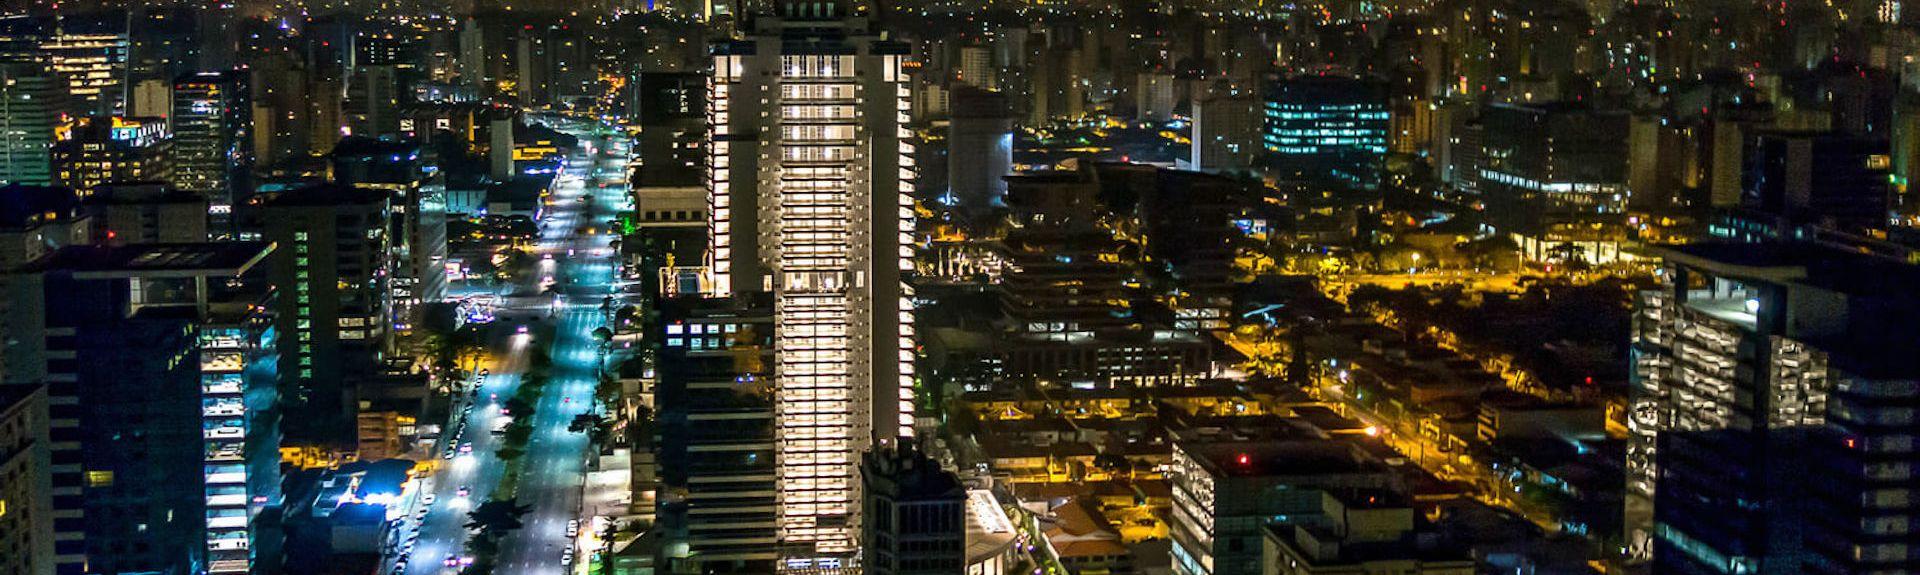 Itaim Bibi, São Paulo, São Paulo, Brasilien